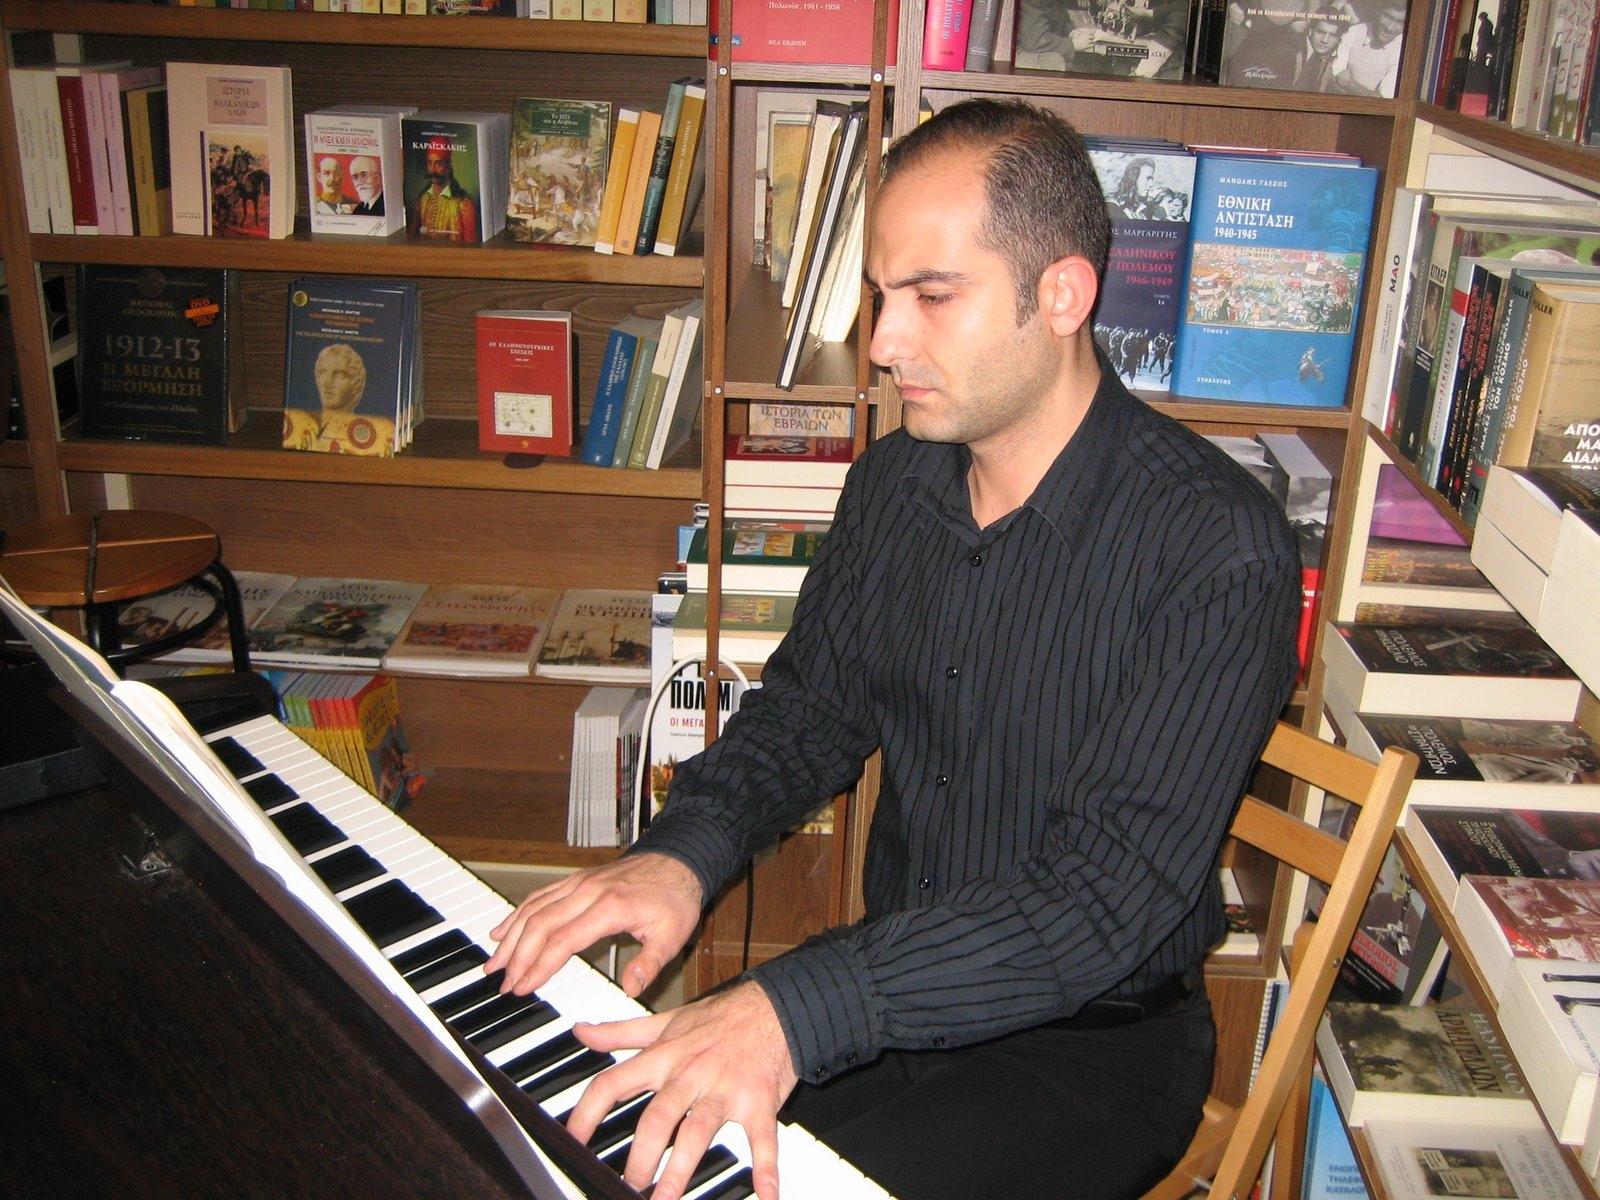 Άρης Γραικούσης.Αφιέρωμα στο Γιάννη Ρίτσο για τα 100 χρόνια από τη γέννηση του. Άννα Μουζάκη (μεσόφωνος) - Άρης Γραικούσης (πιάνο) - Κώστας Καναβούρης (απαγγελία)